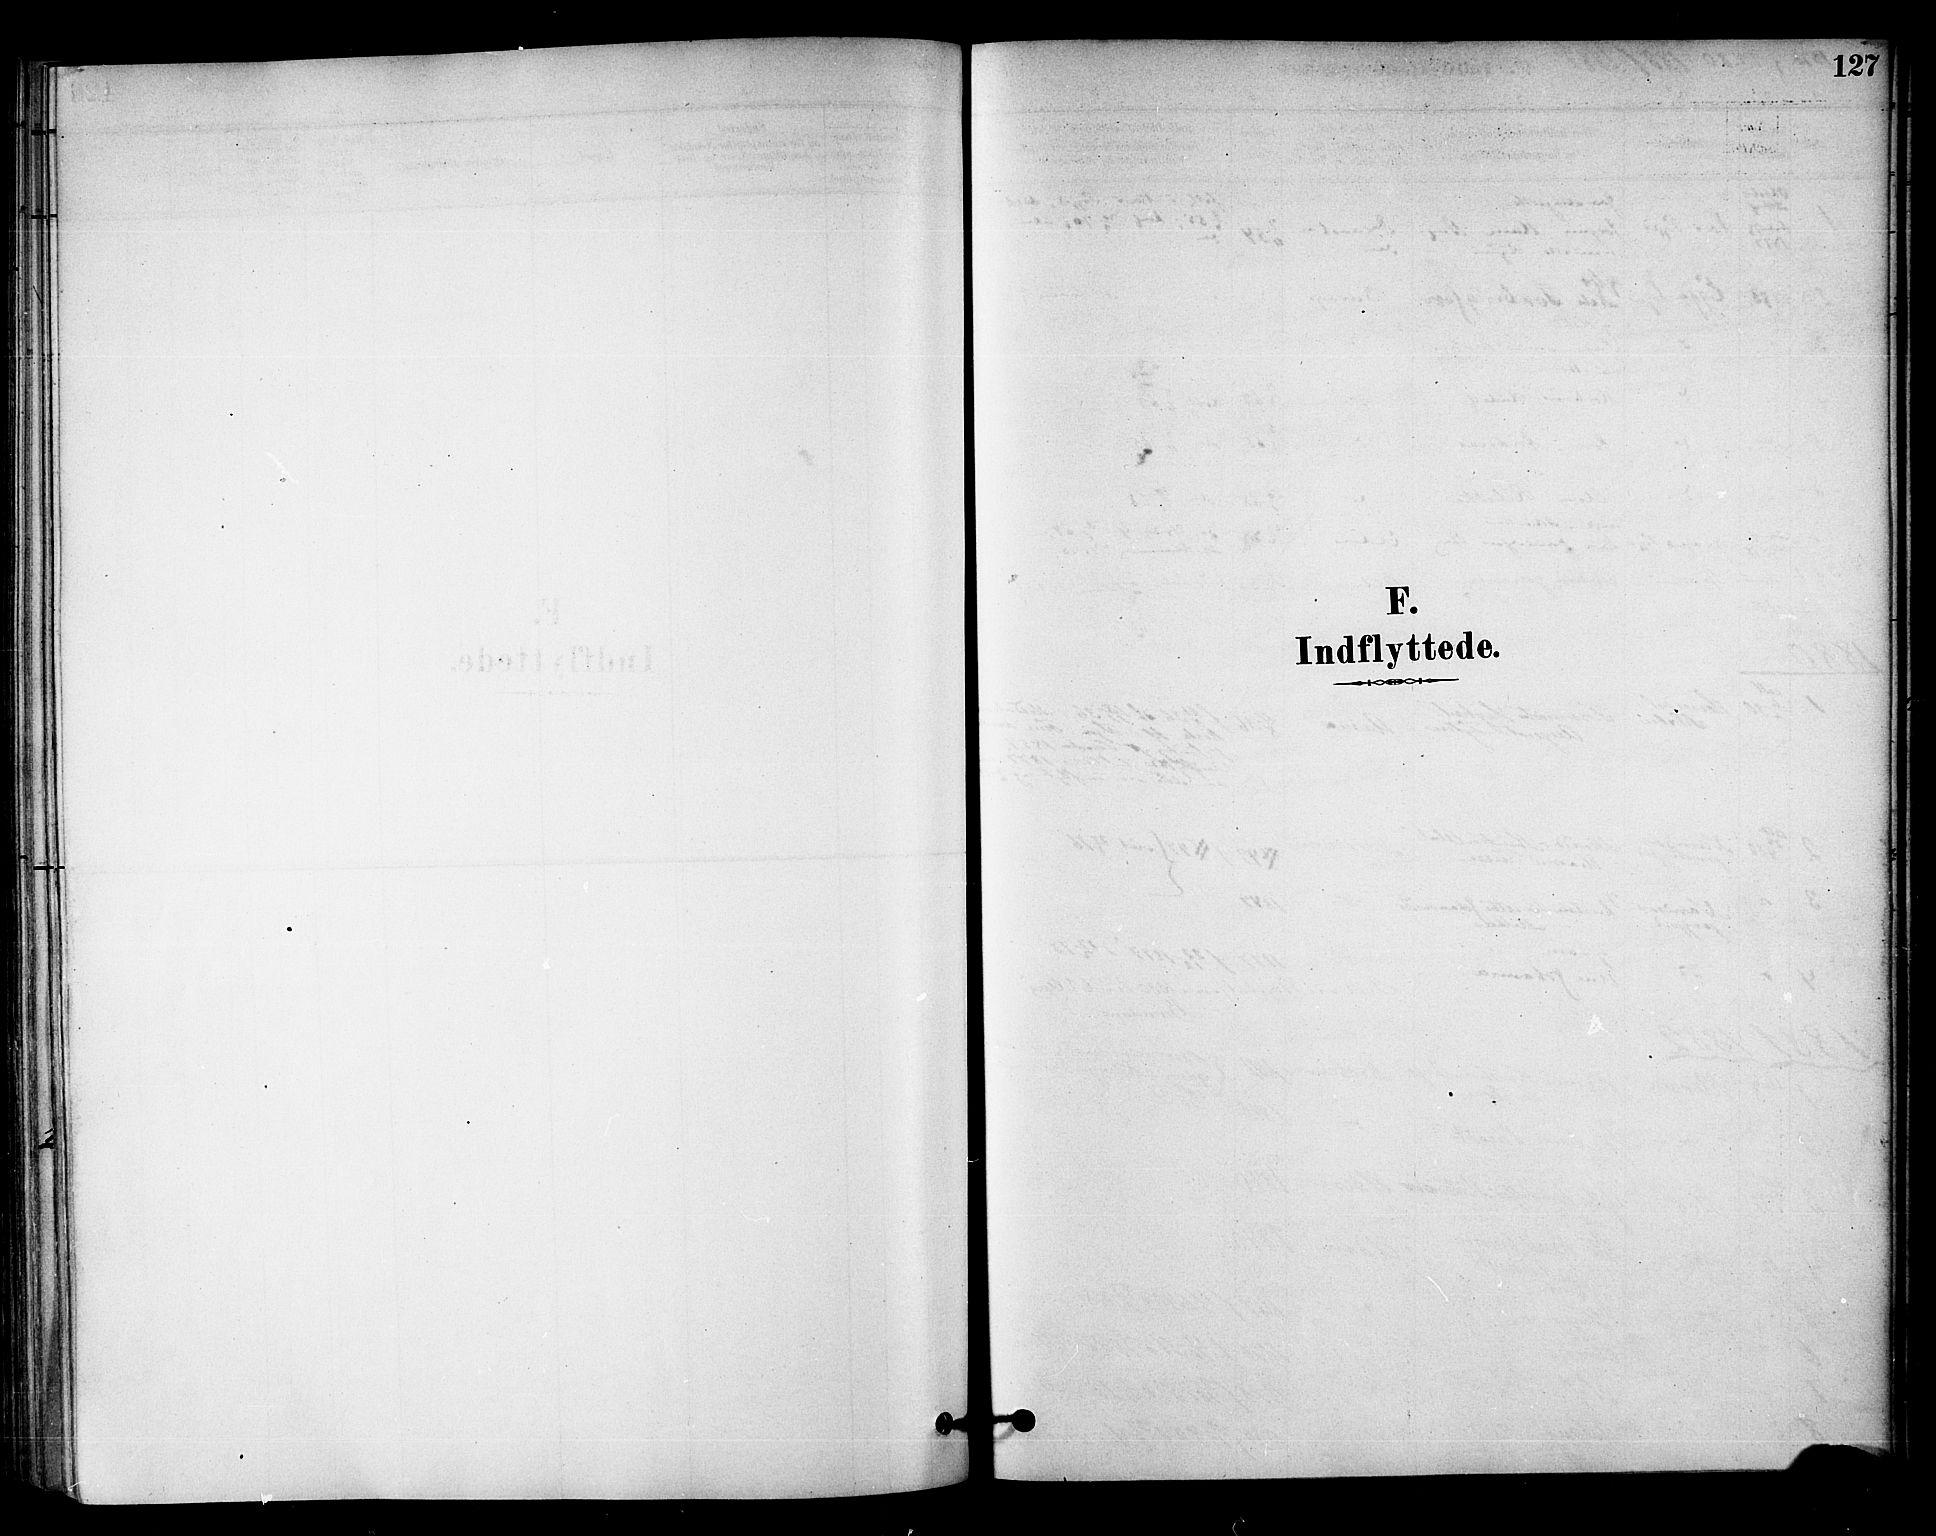 SAT, Ministerialprotokoller, klokkerbøker og fødselsregistre - Nord-Trøndelag, 742/L0408: Ministerialbok nr. 742A01, 1878-1890, s. 127